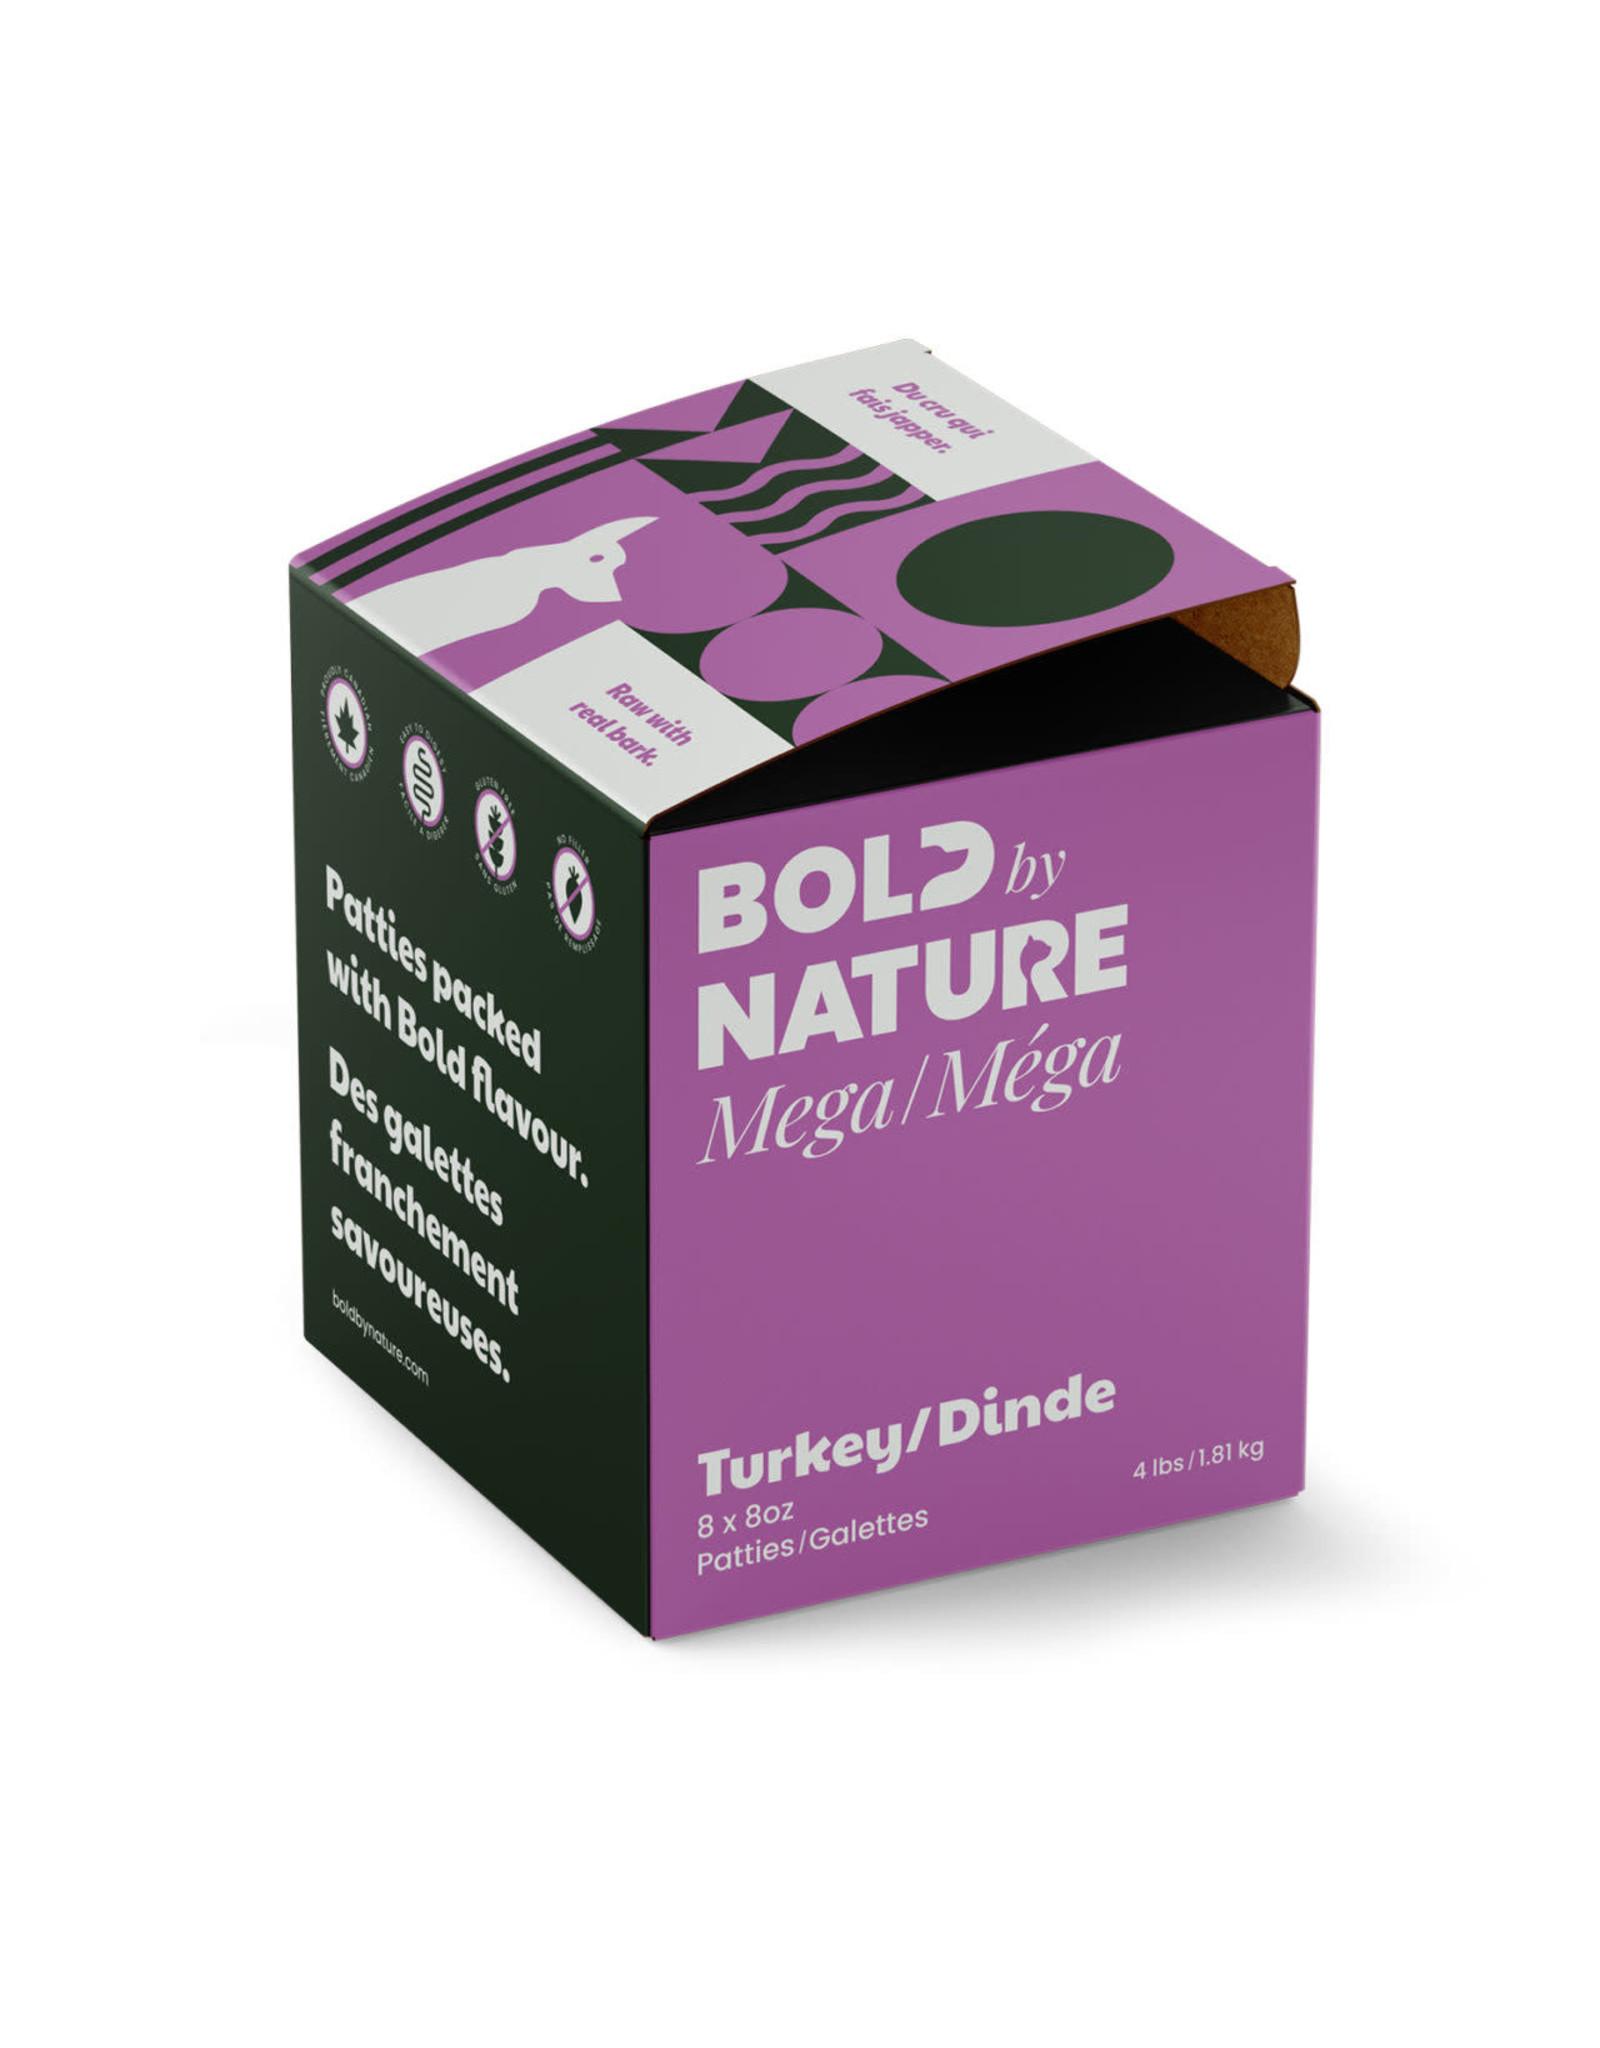 BOLD BY NATURE MEGA TURKEY  4LB